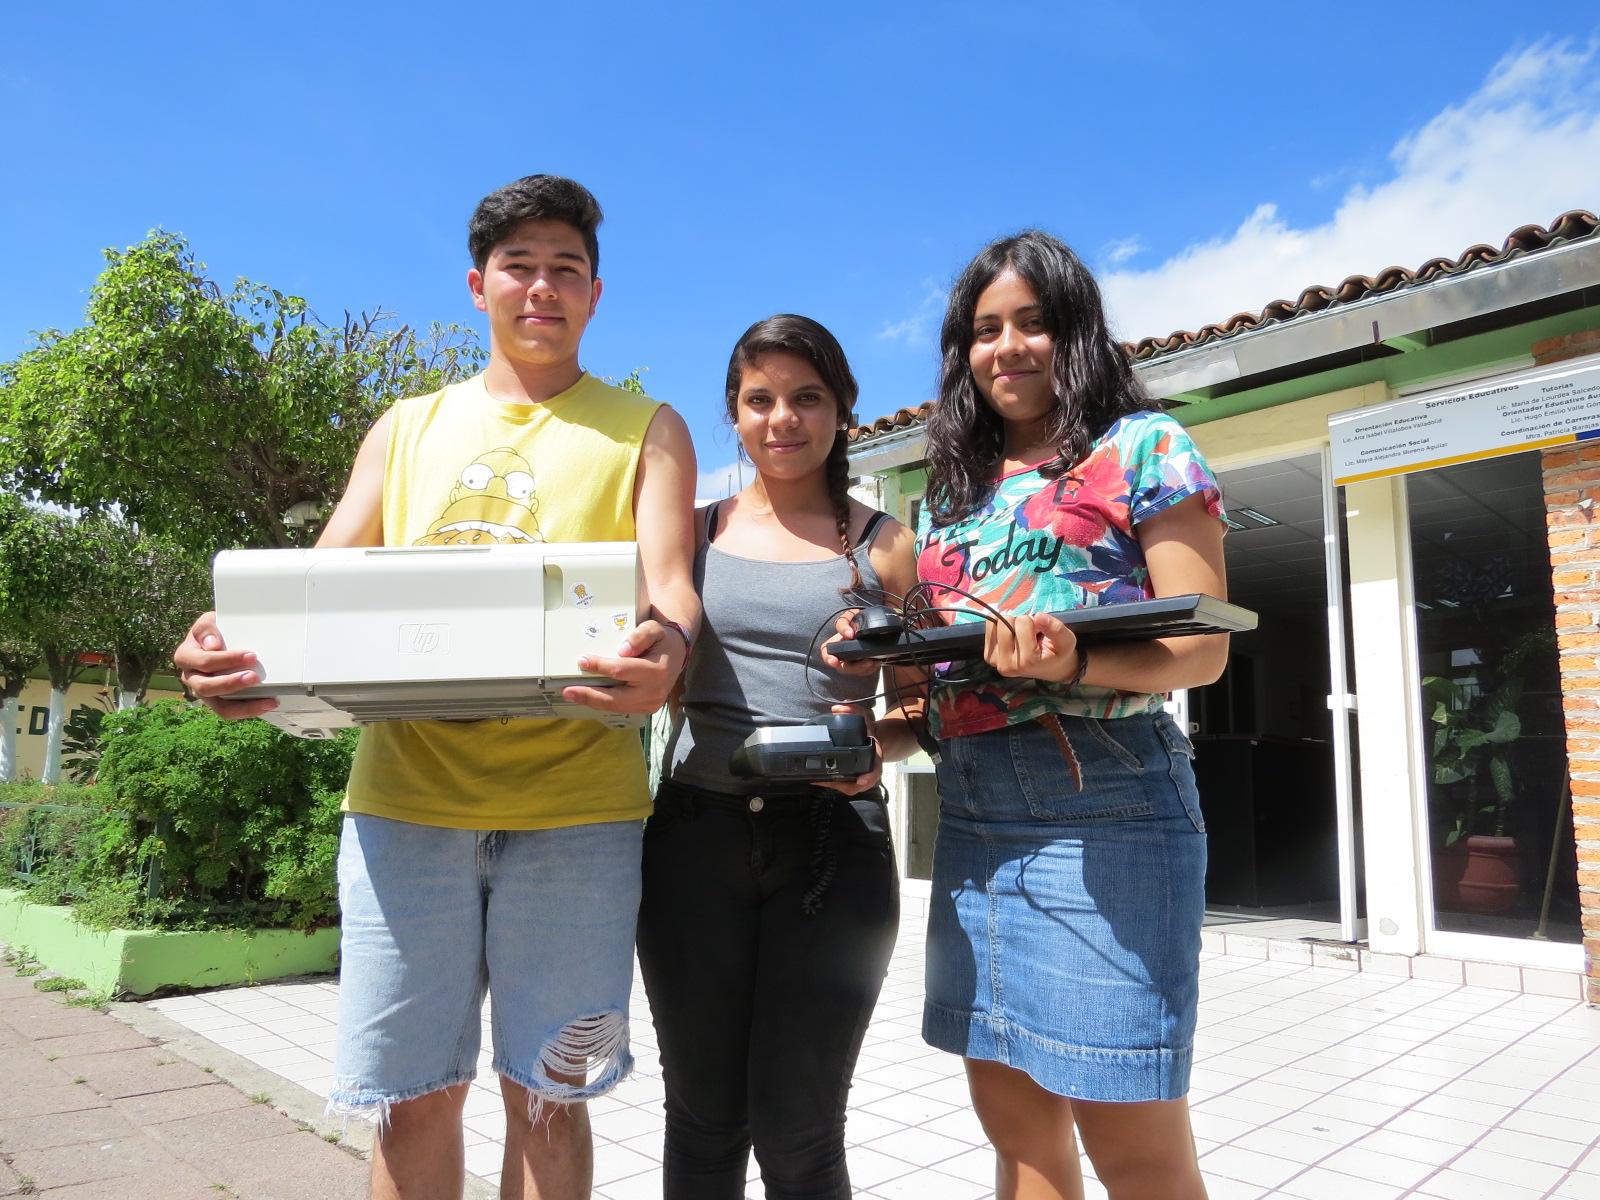 Jóvenes de la preparatoria de Tonalá con residuos electrónicos en las manos